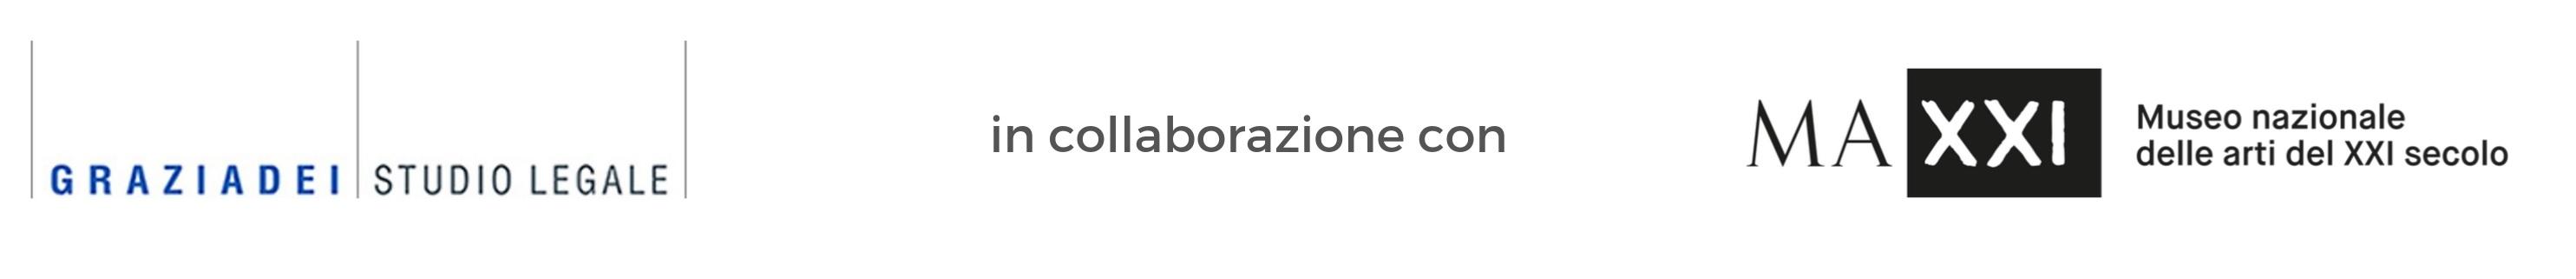 logo collaborazione 3